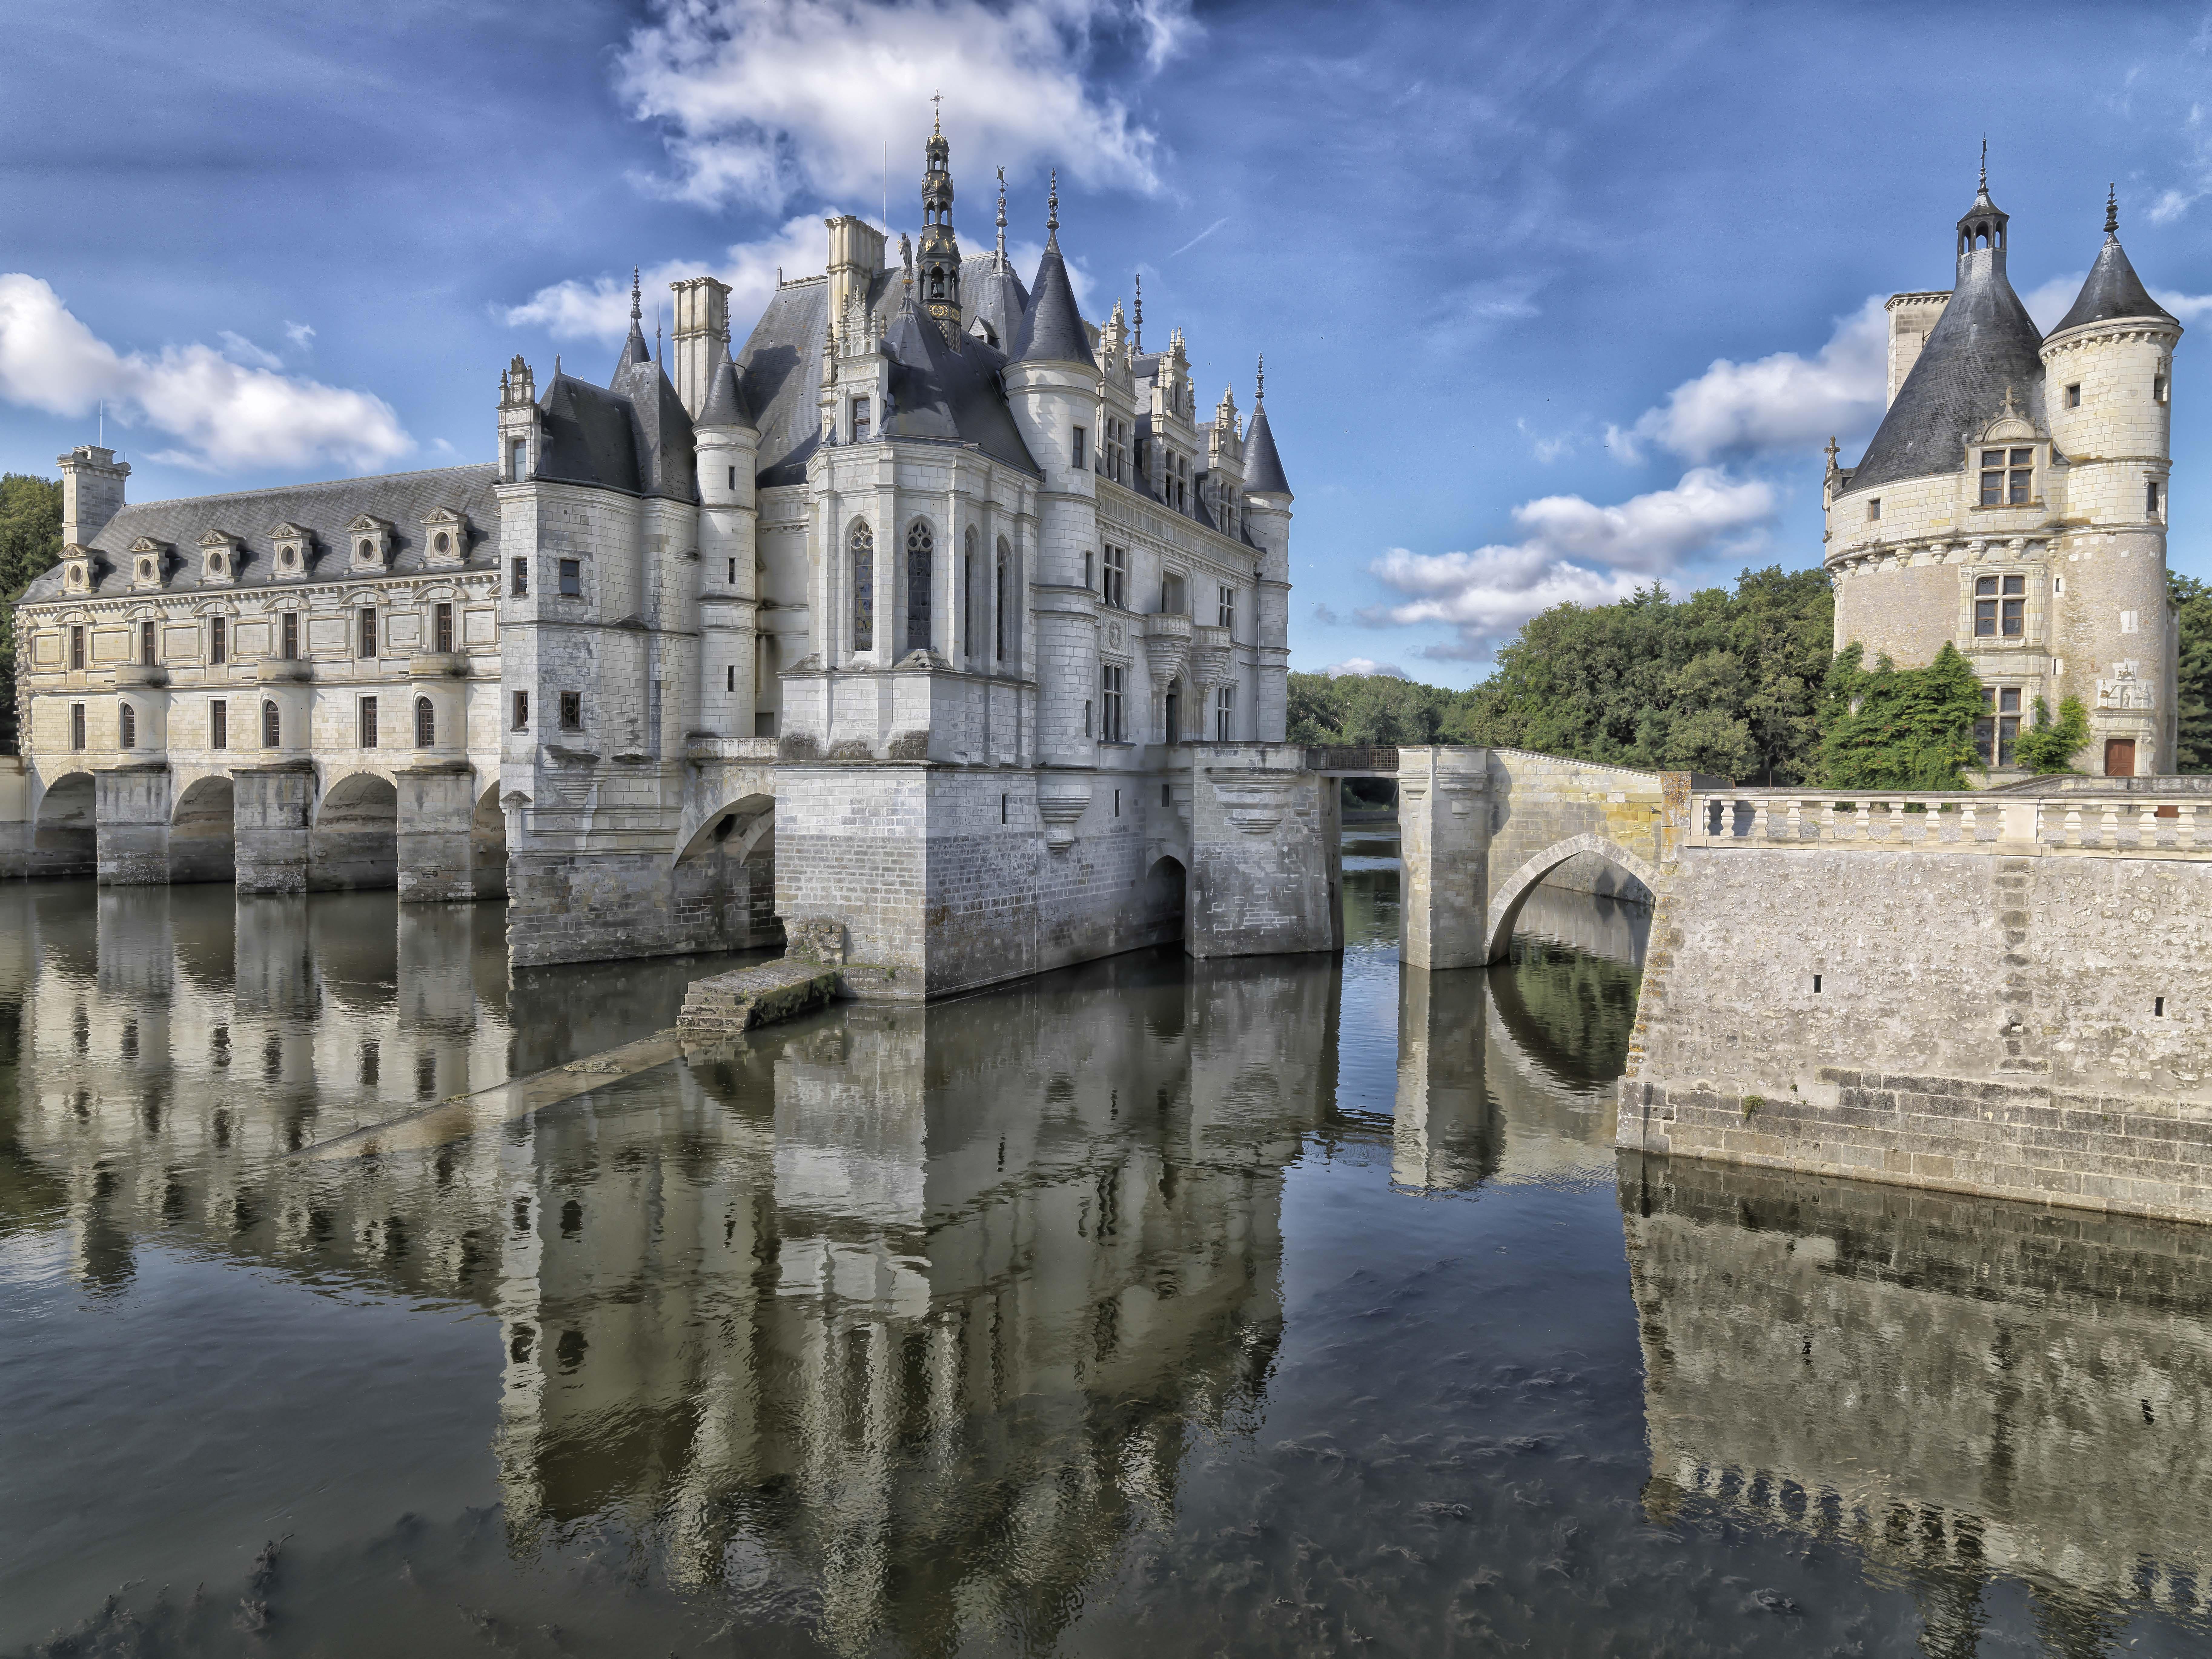 Impresionantes castillos alrededor del mundo - hotbook-10